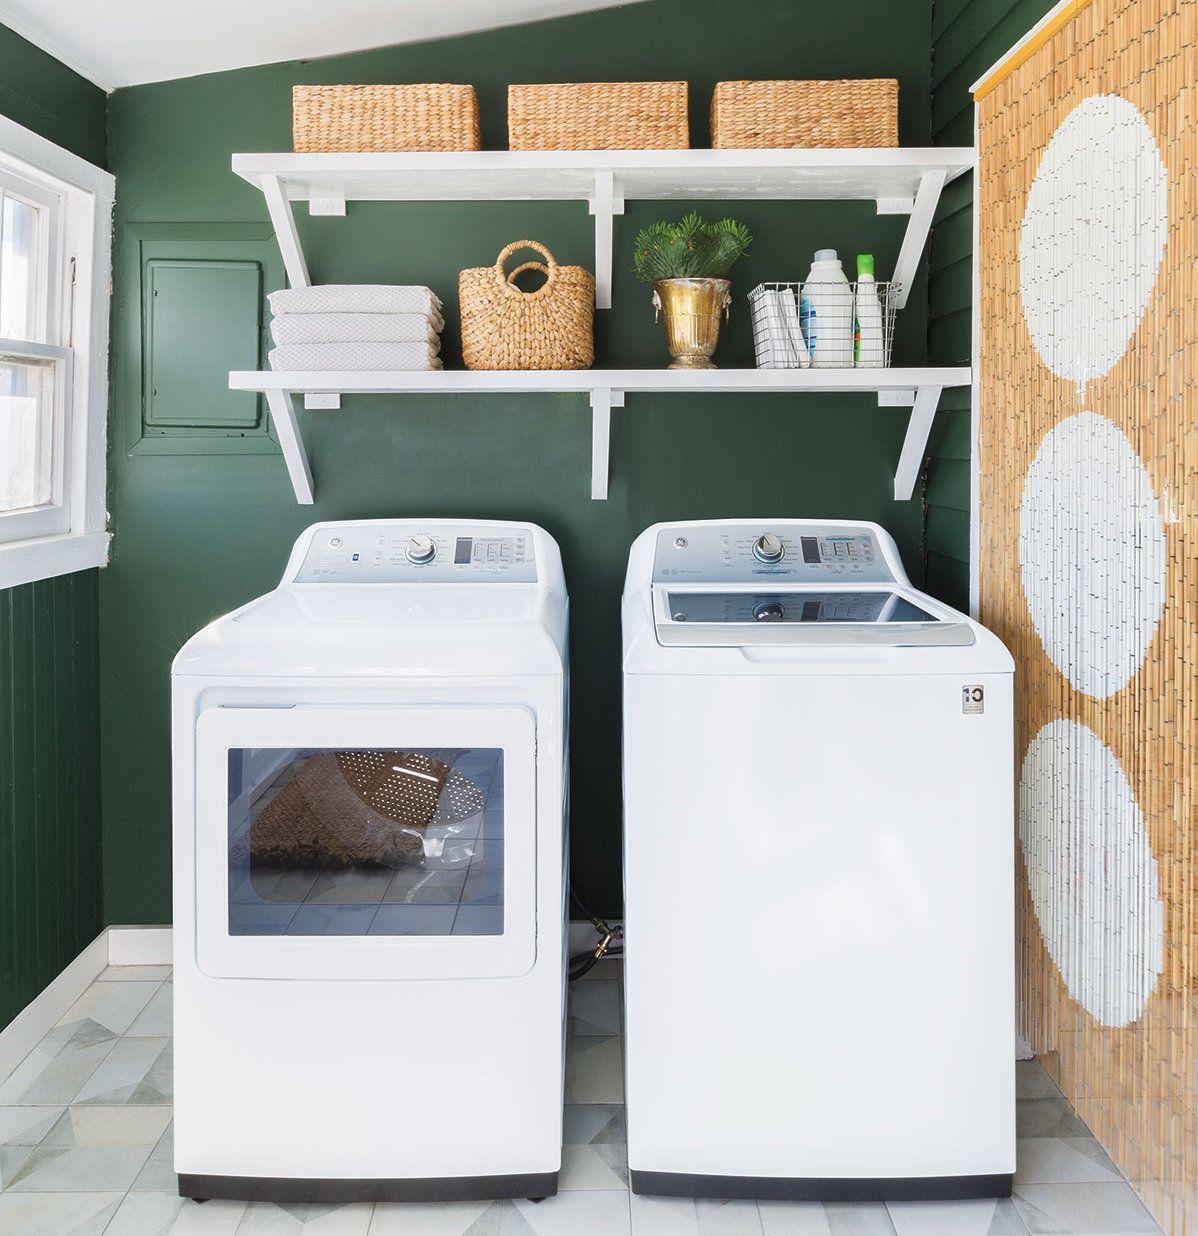 Máy giặt lồng đứng có mức giá rẻ hơn so với các loại máy giặt khác